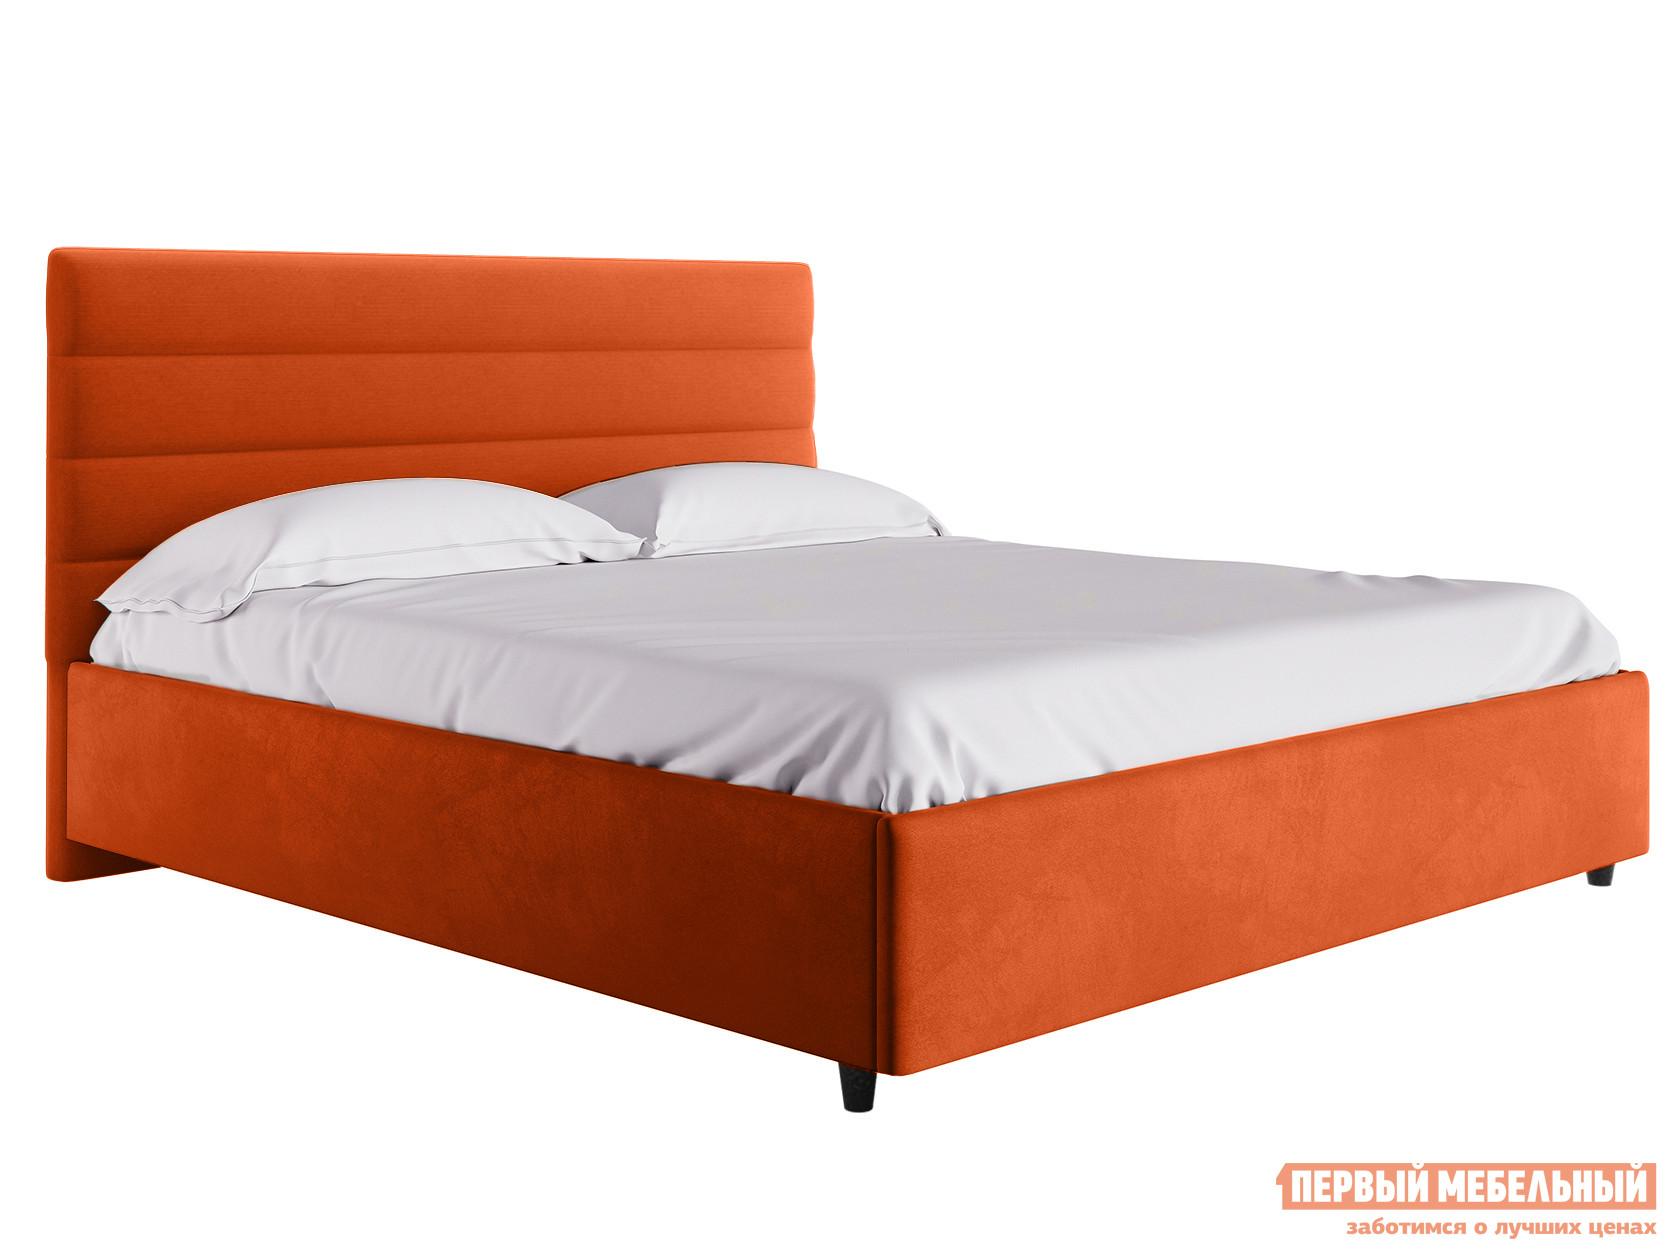 Двуспальная кровать  Кровать с подъемным механизмом Франческа ПМ Оранжевый, велюр, 1600 Х 2000 мм